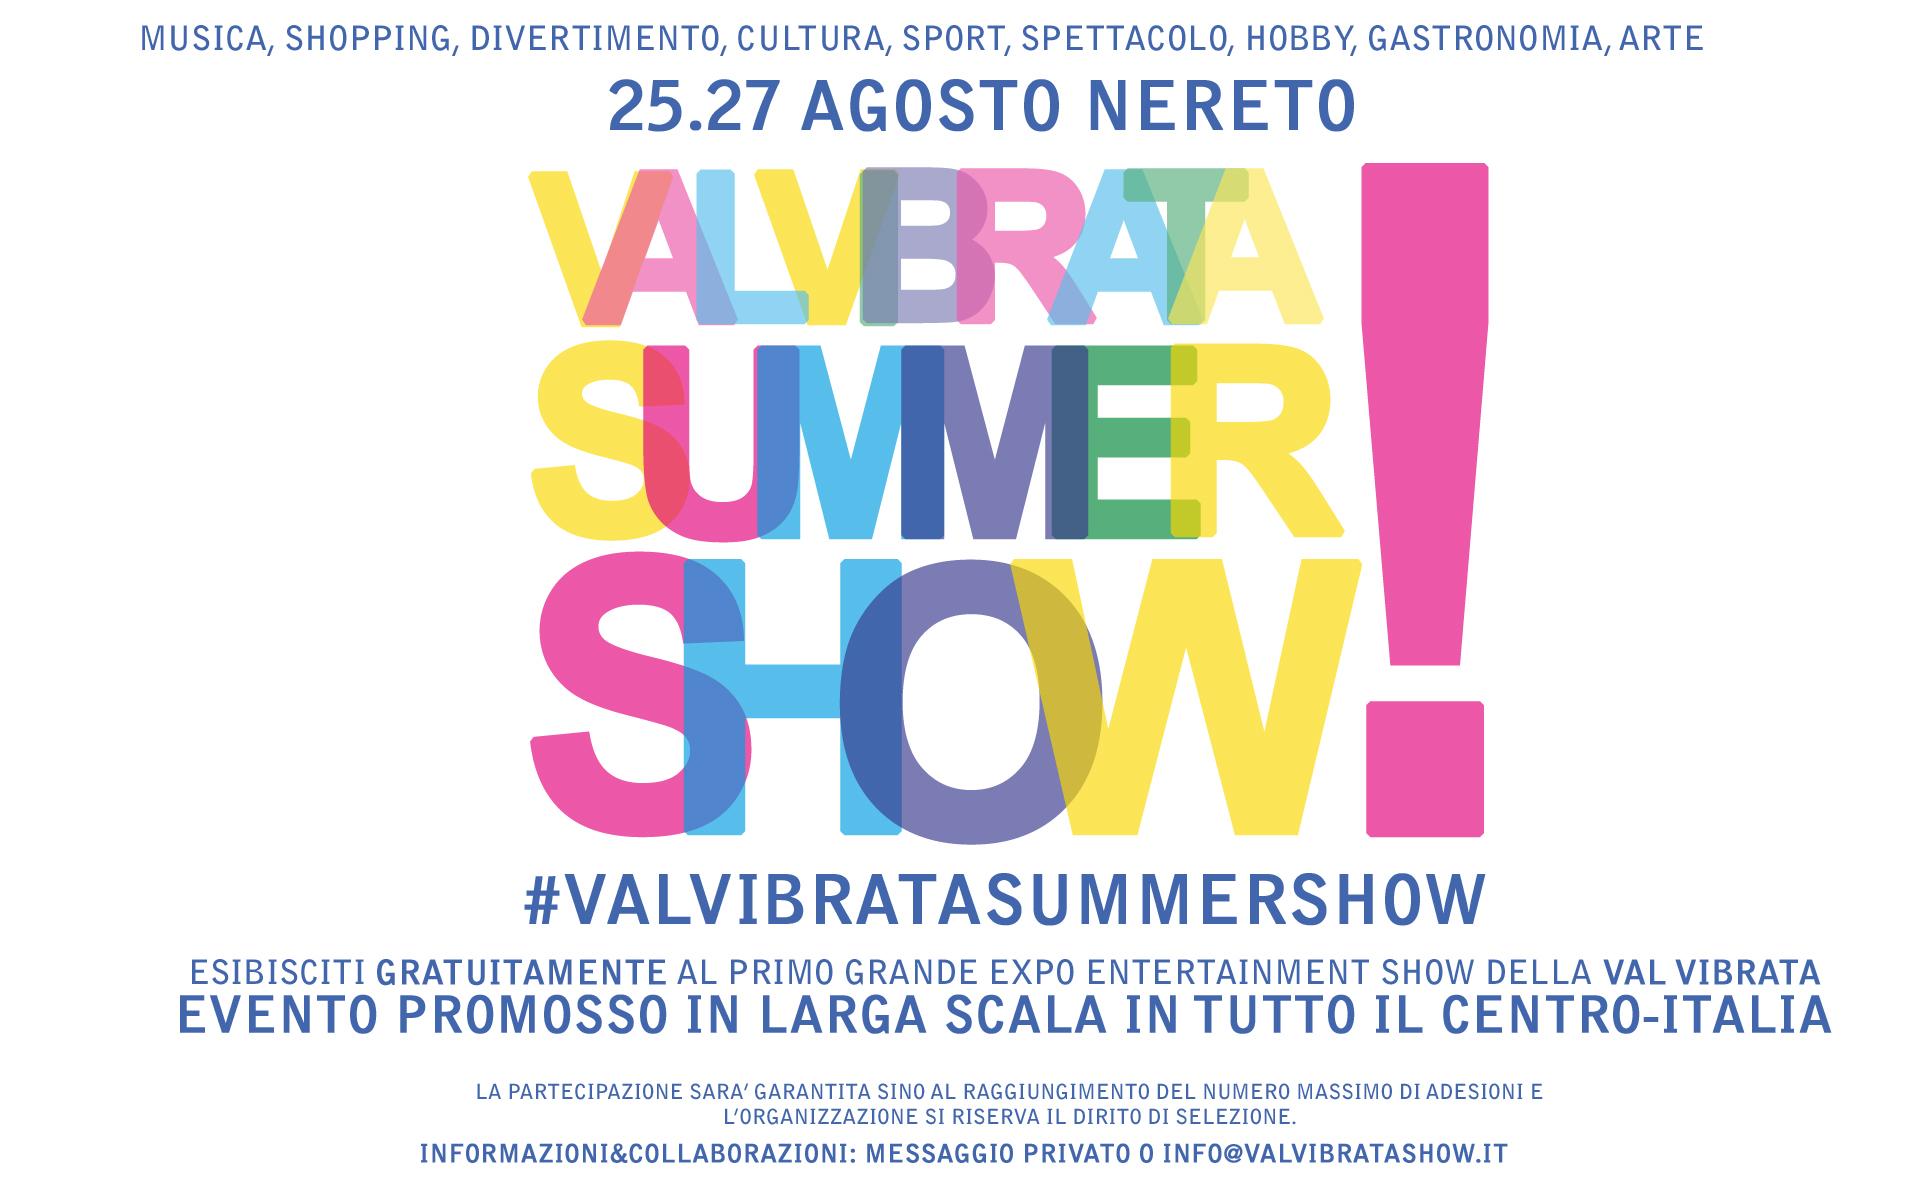 A Nereto la prima fiera-evento della Val Vibrata per la promozione del territorio